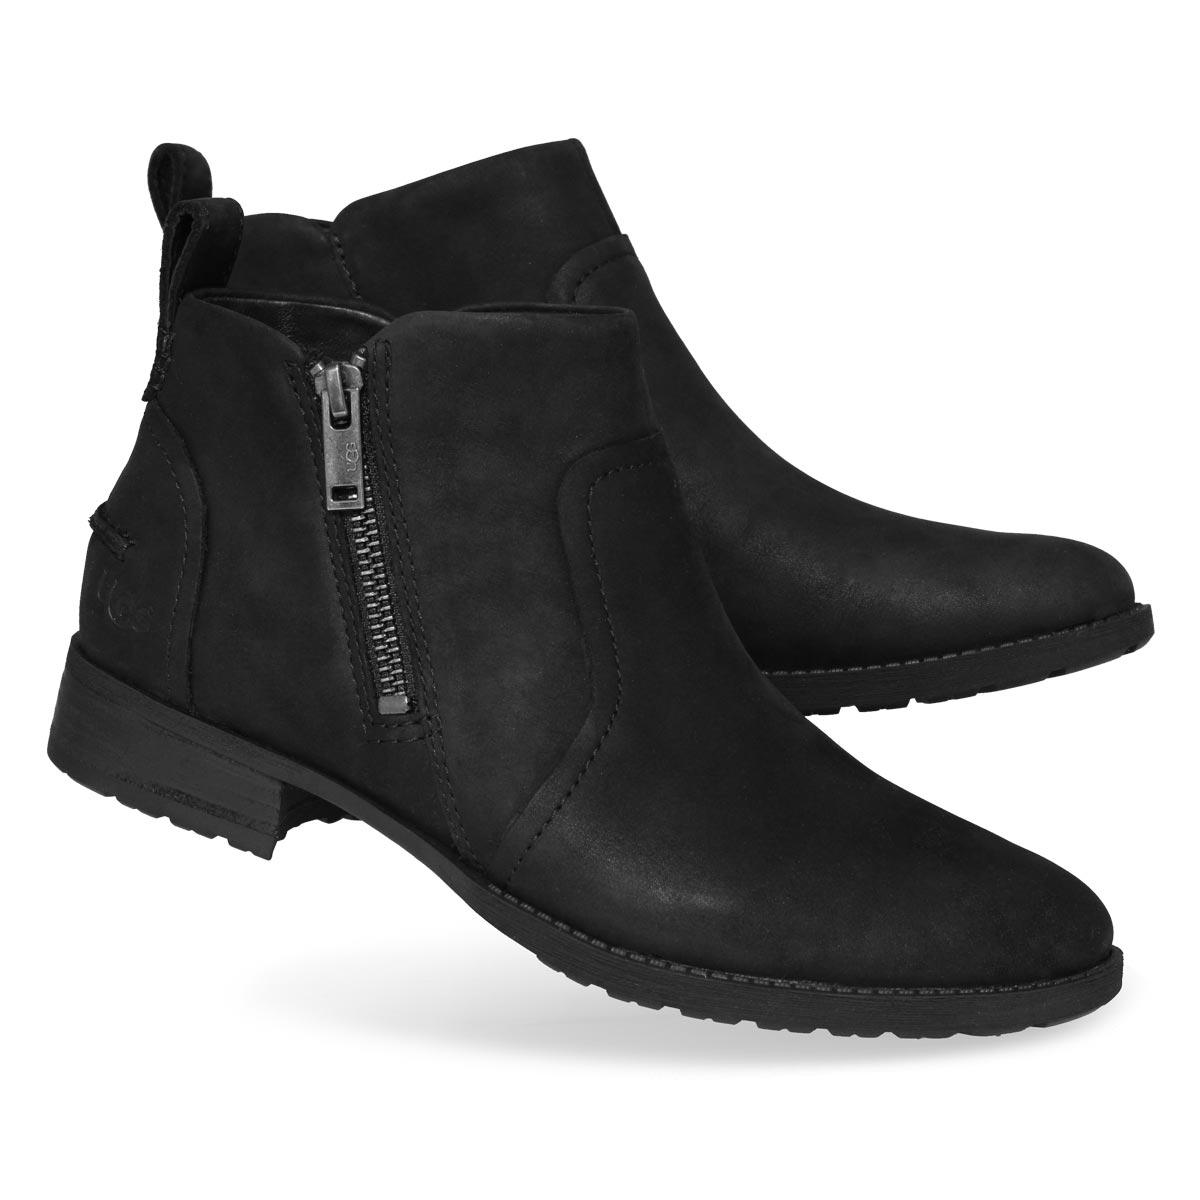 Women's AUREO II black side zip wtpf booties